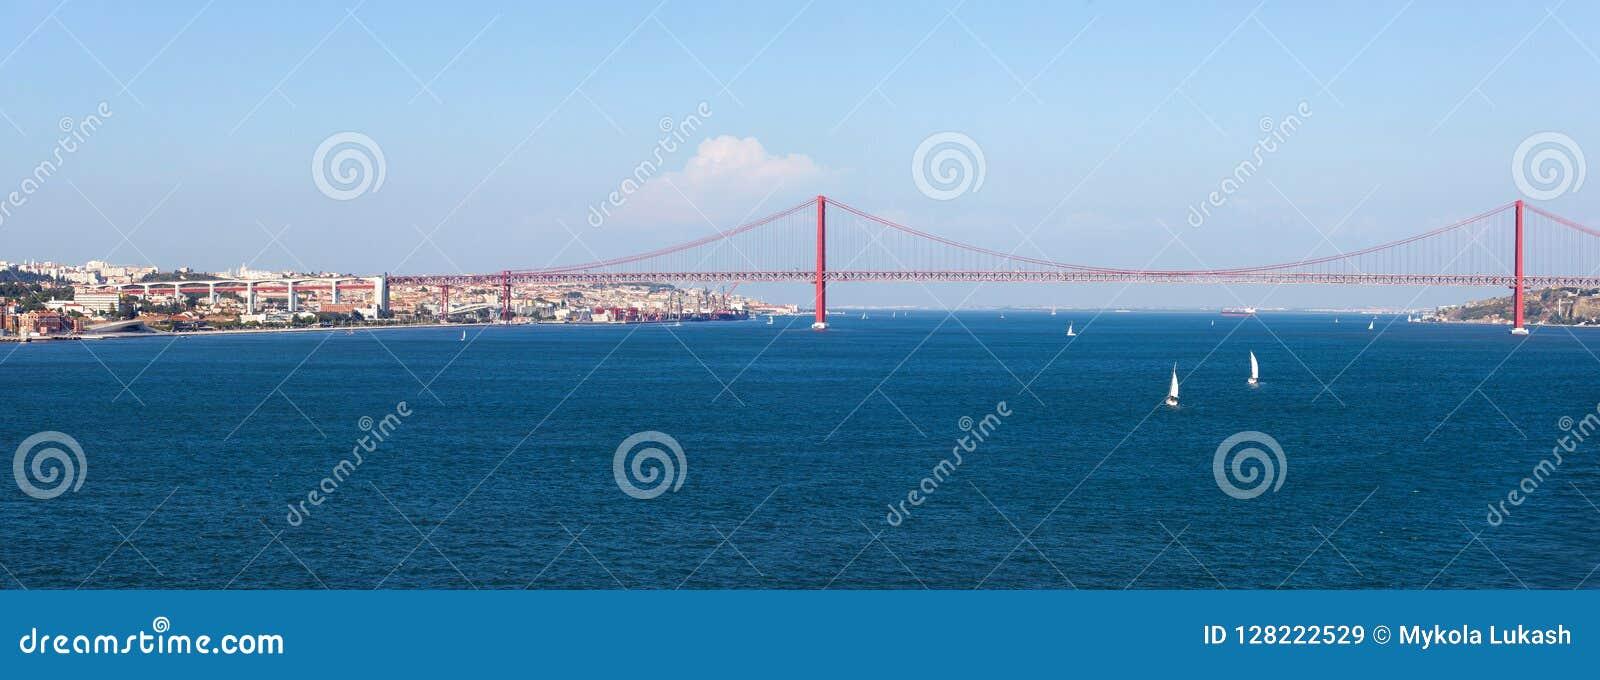 Panoramaansicht über das 25 De Abril Bridge Die Brücke schließt die Stadt von Lissabon an den Stadtbezirk von Almada an